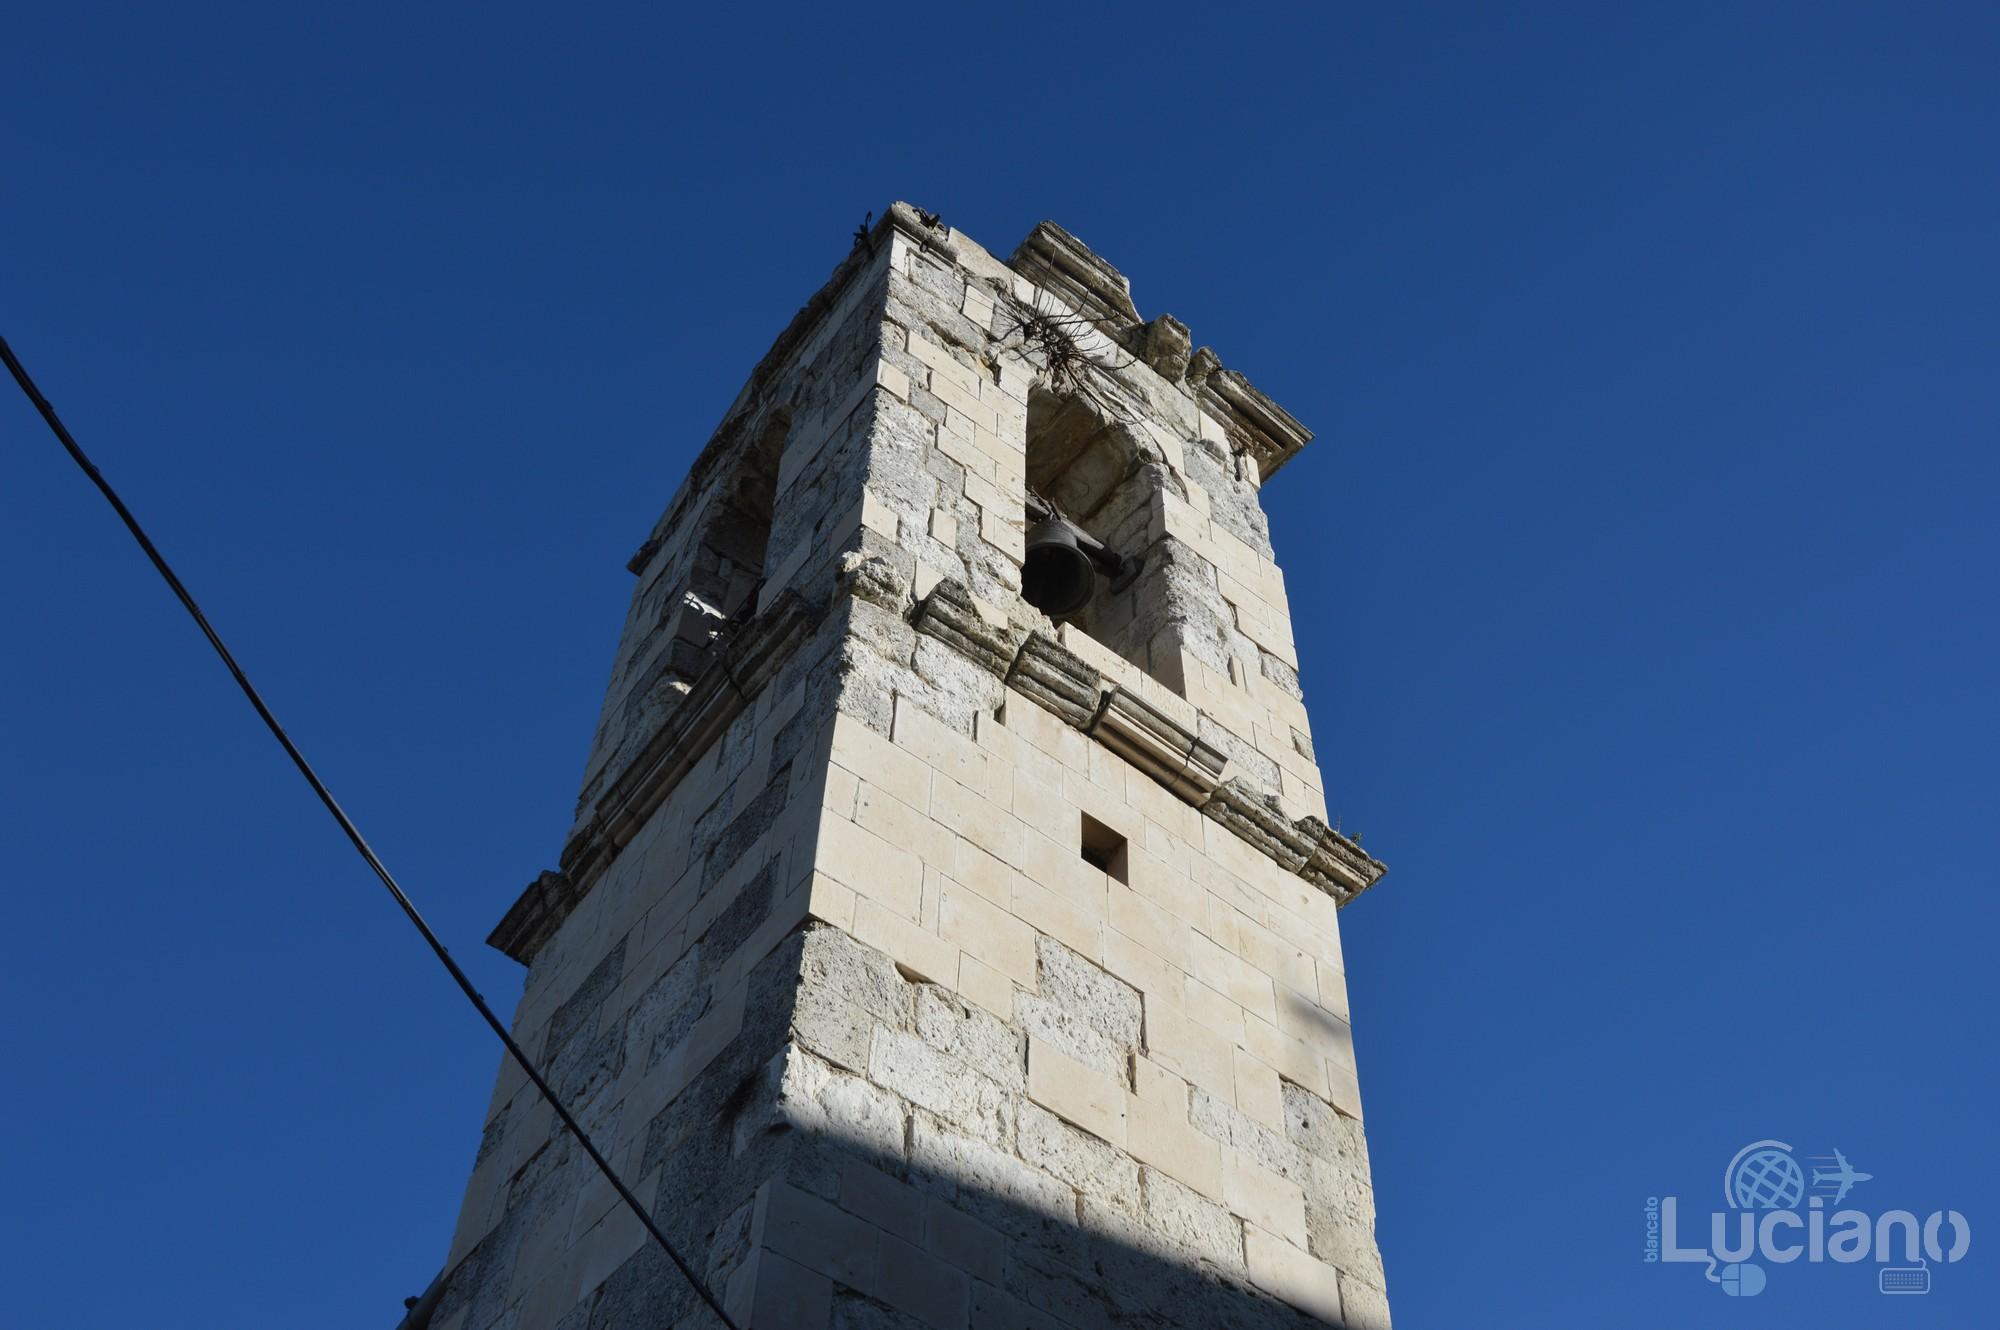 Campanile/Torre Chiesa S. Teodoro - Petralia Soprana - Palermo -  I Borghi più belli d'Italia - Borgo più bello d'Italia 2018